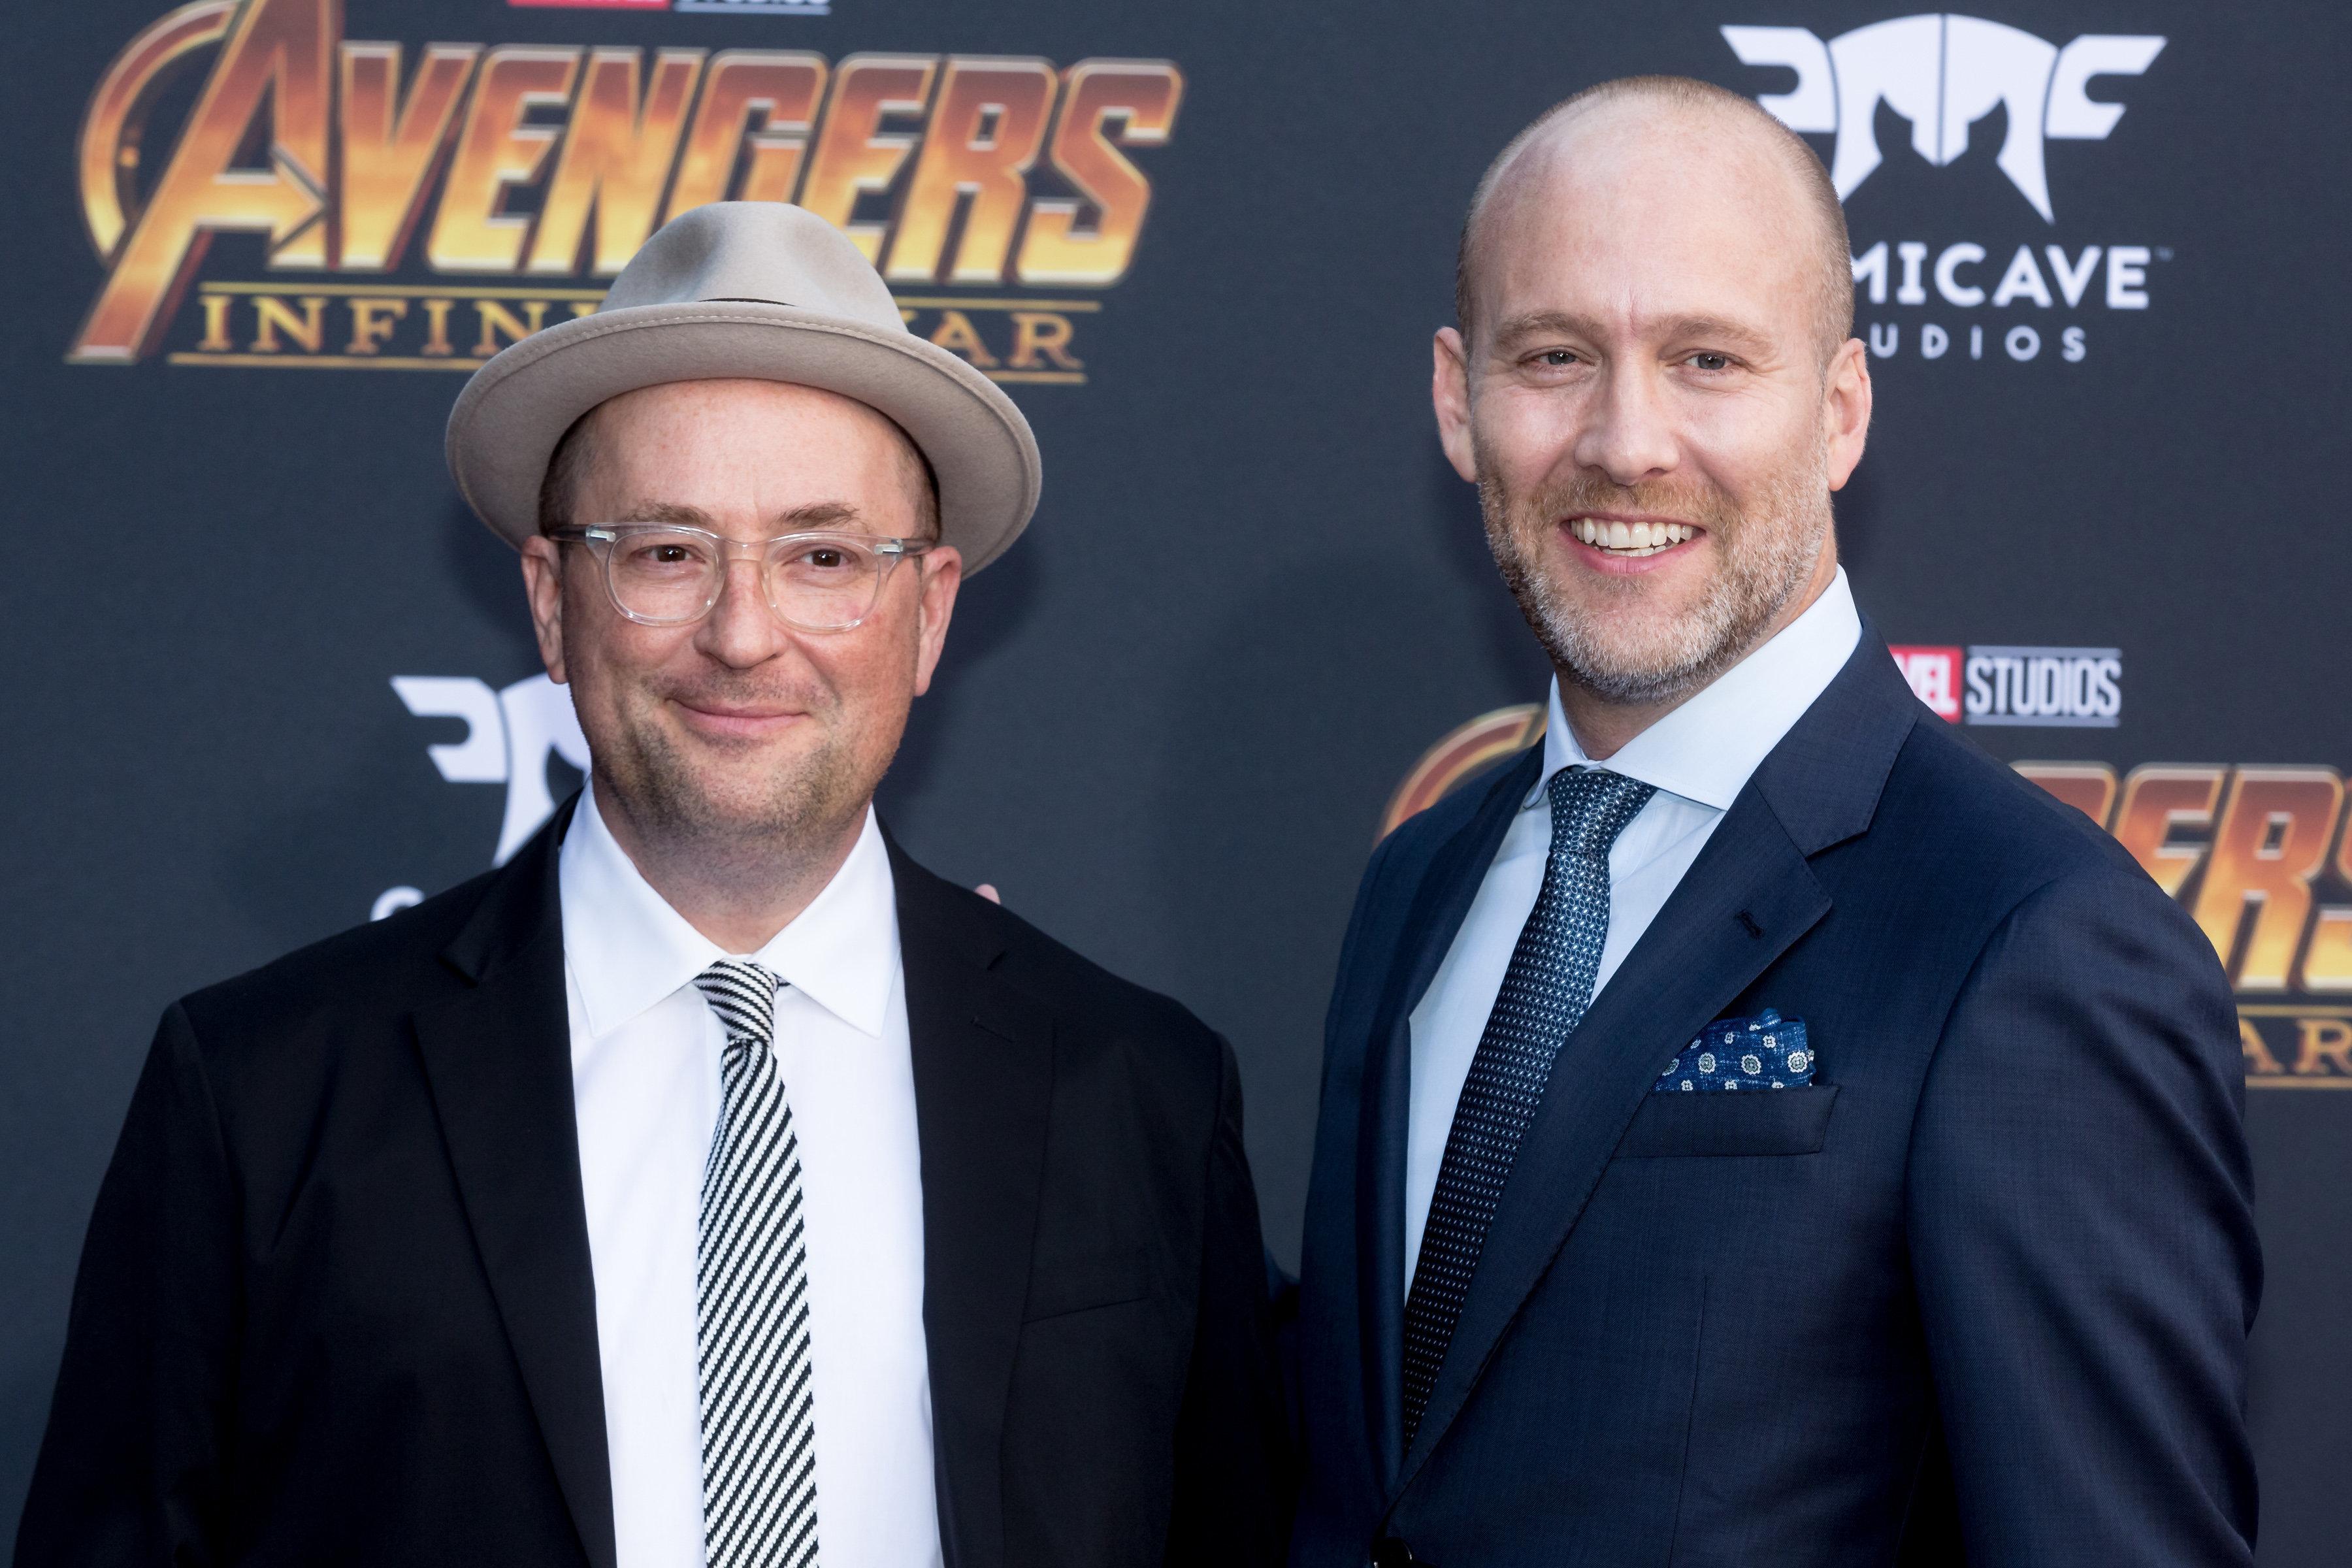 '어벤져스: 인피니티 워' 각본가가 영화에 대해 밝힌 5가지